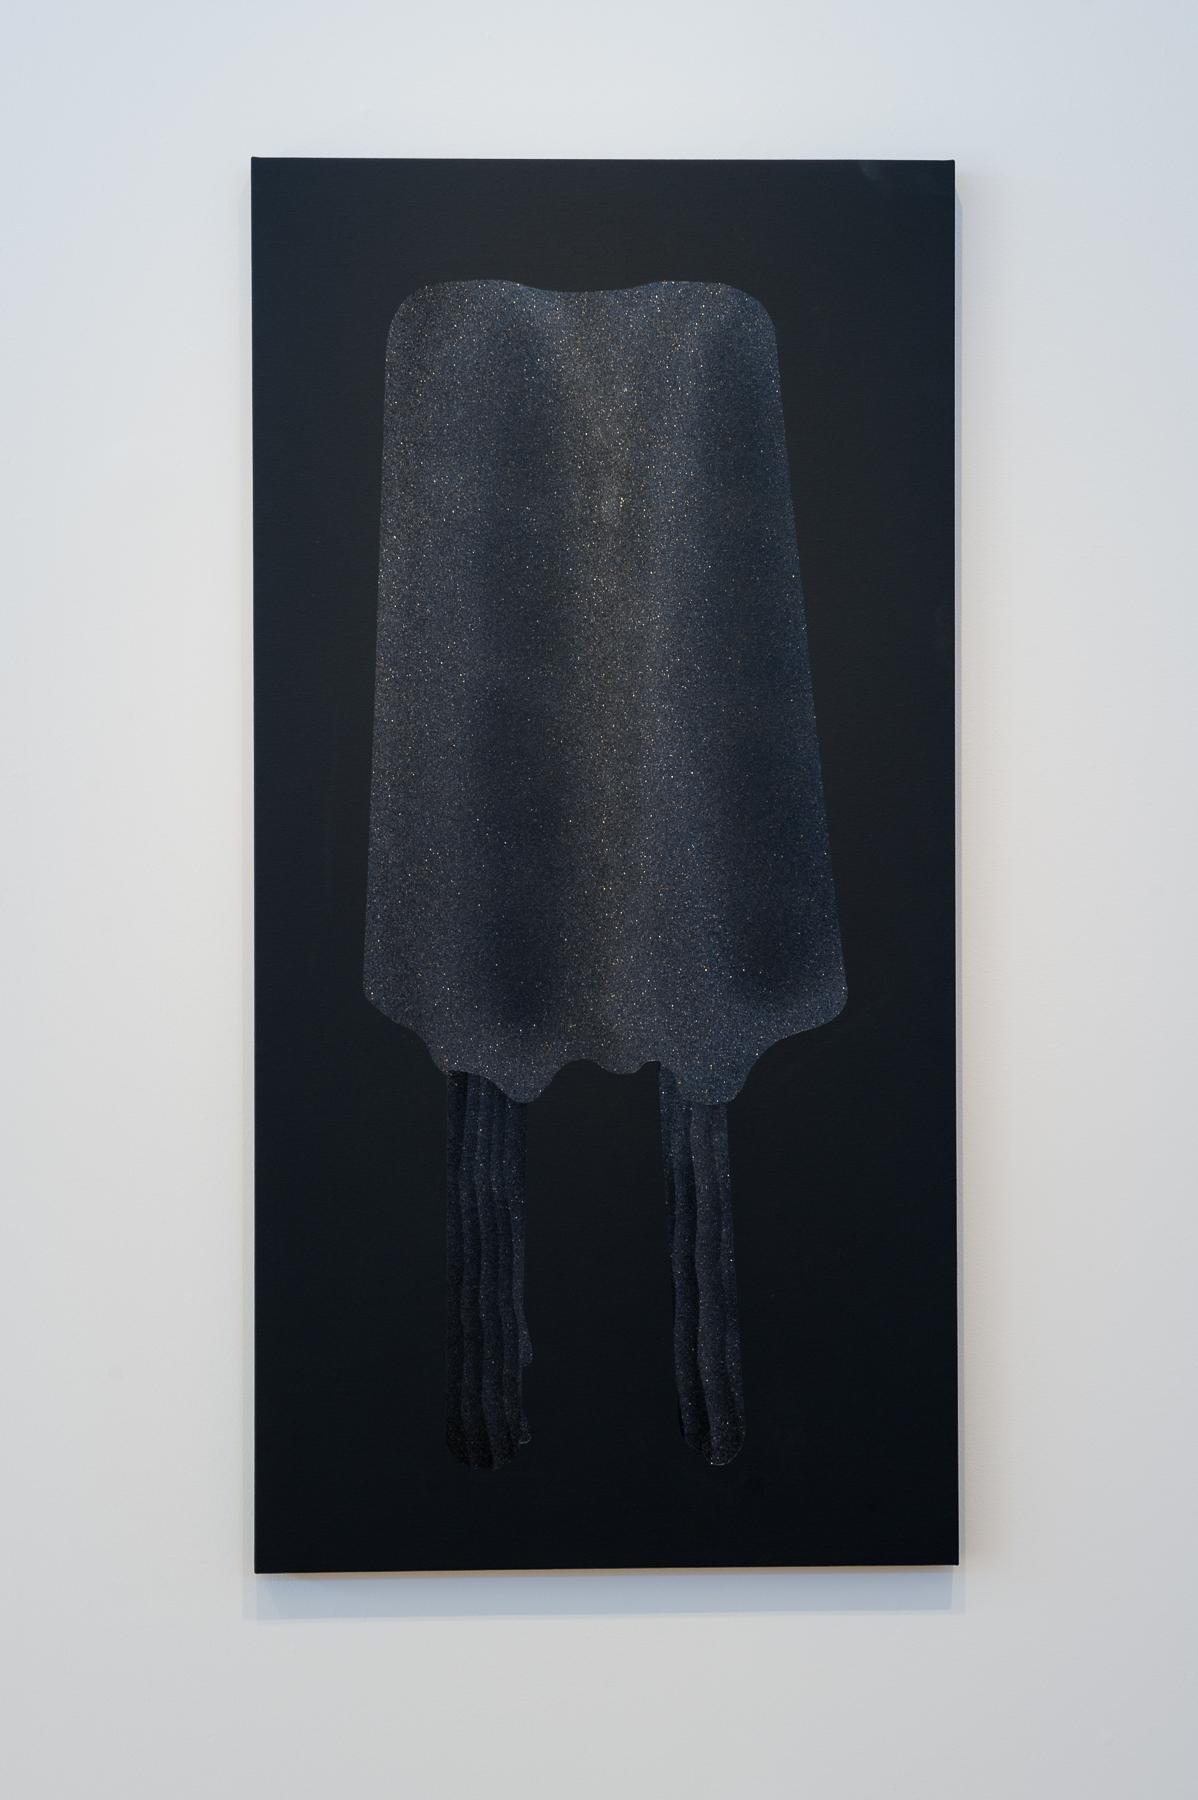 Twin Shadow (after Warhol)